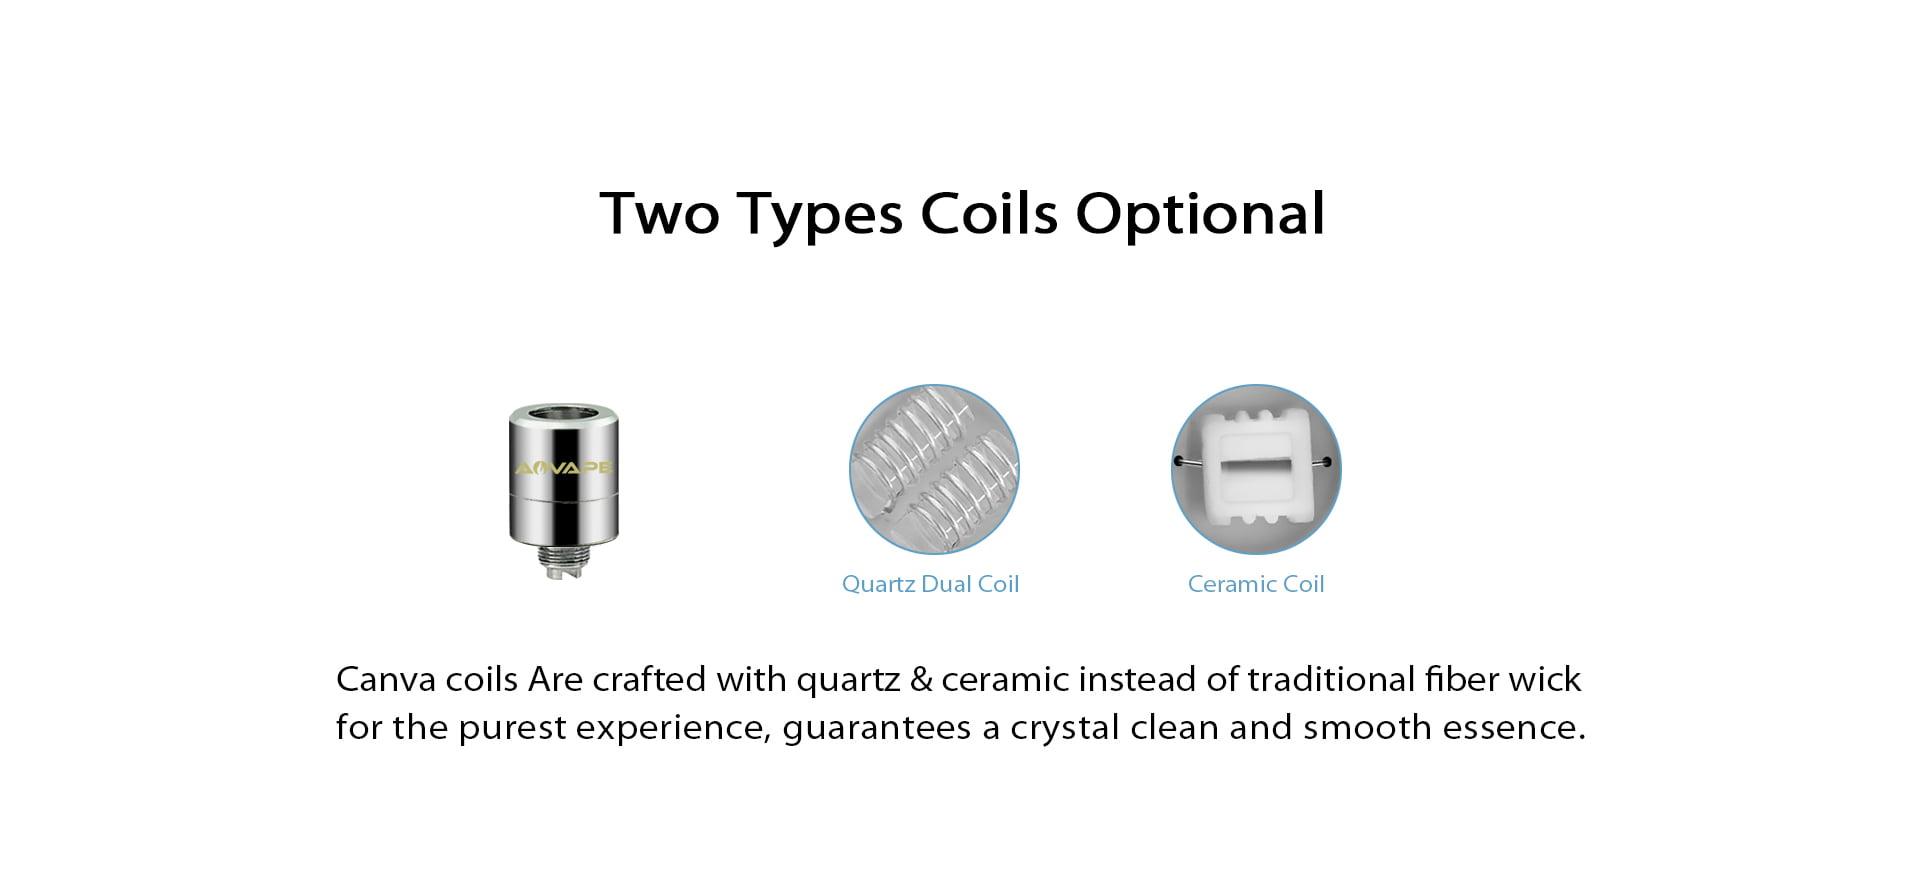 Canva Dual Quartz & Ceramic Coil